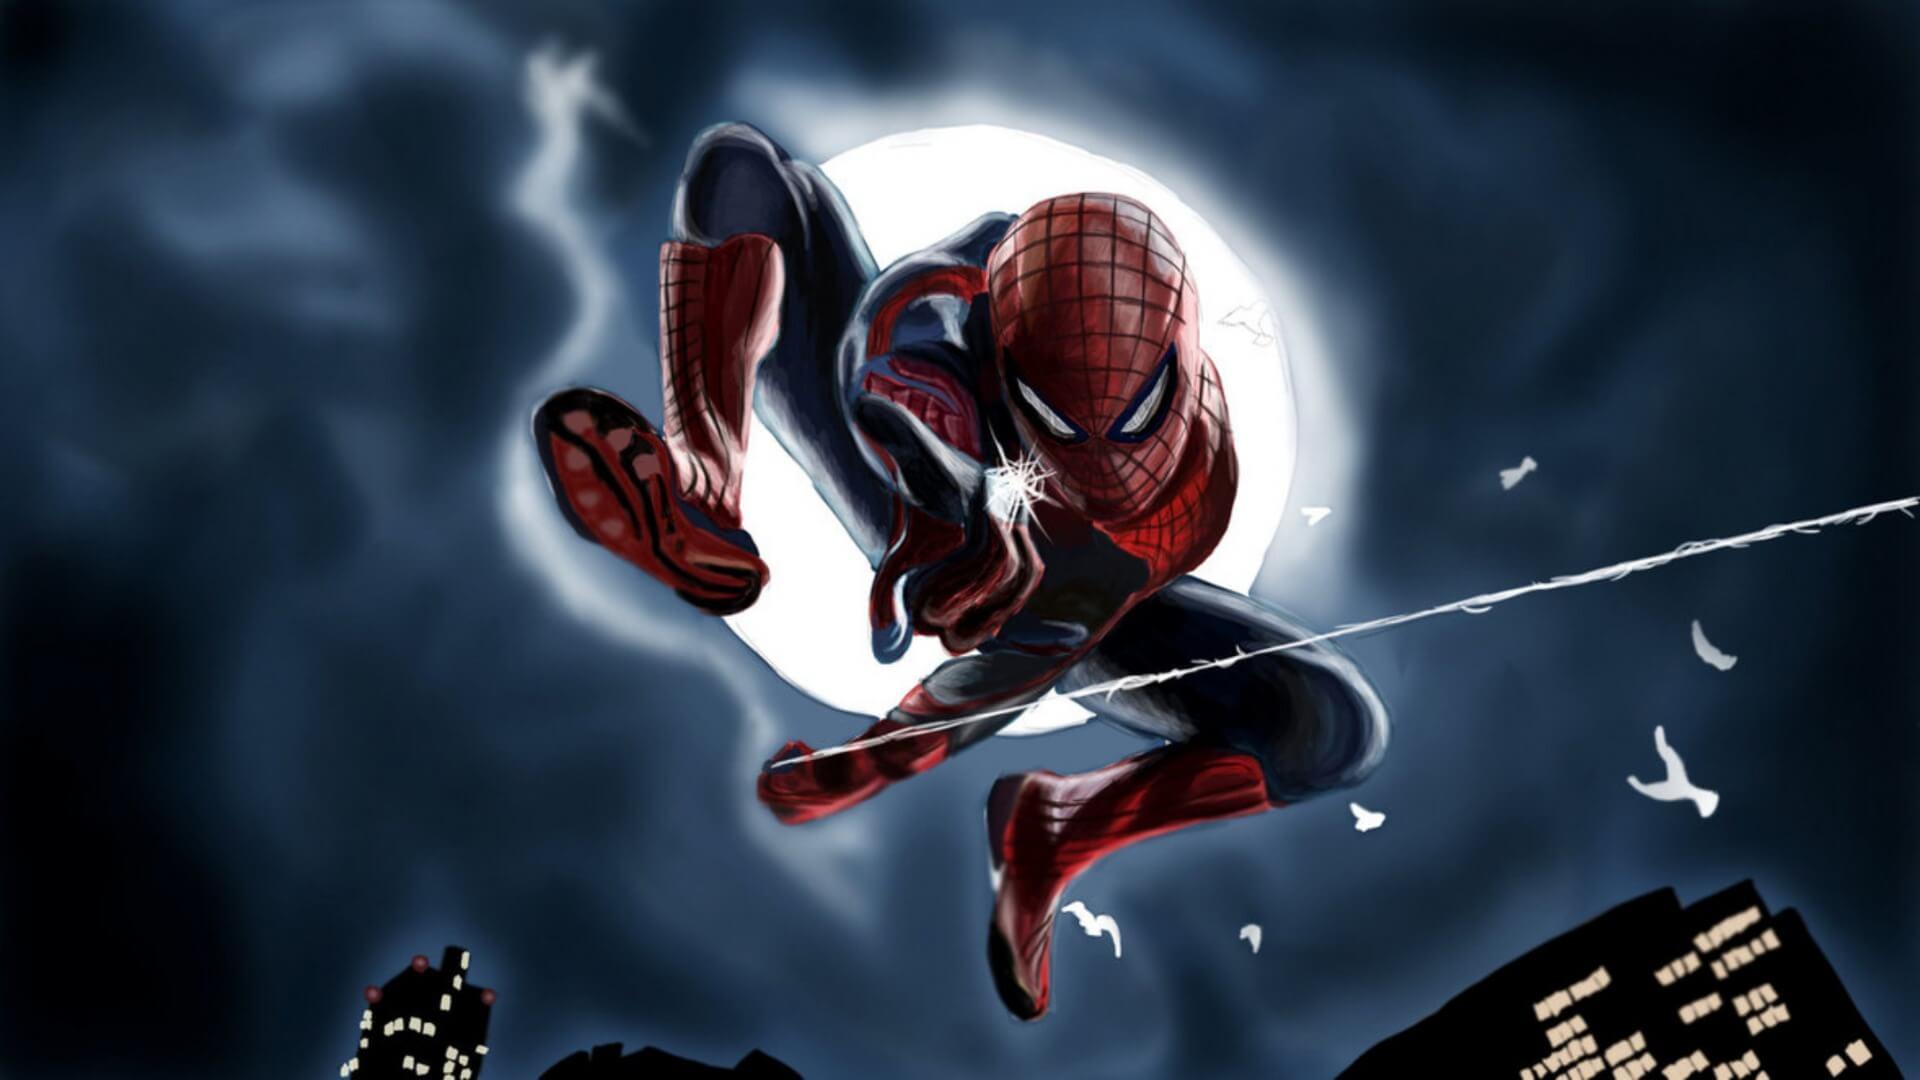 Spider-Man, Человек-паук - самые популярные и красивые арт картинки 25